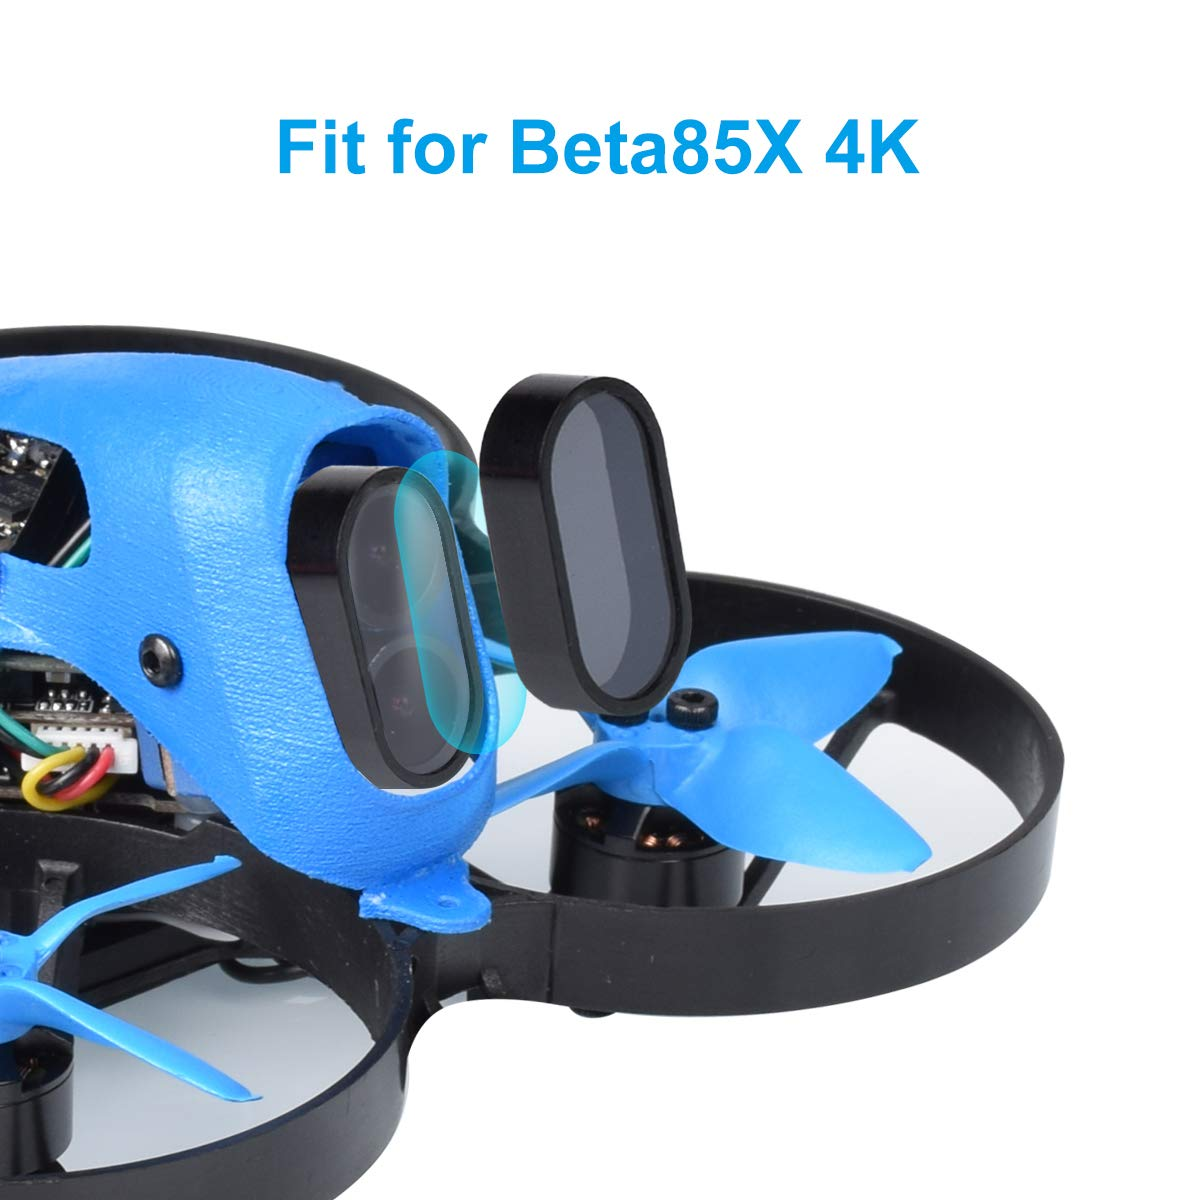 ND8 Filter for Caddx Tarsier 4K for BETA85X 4K